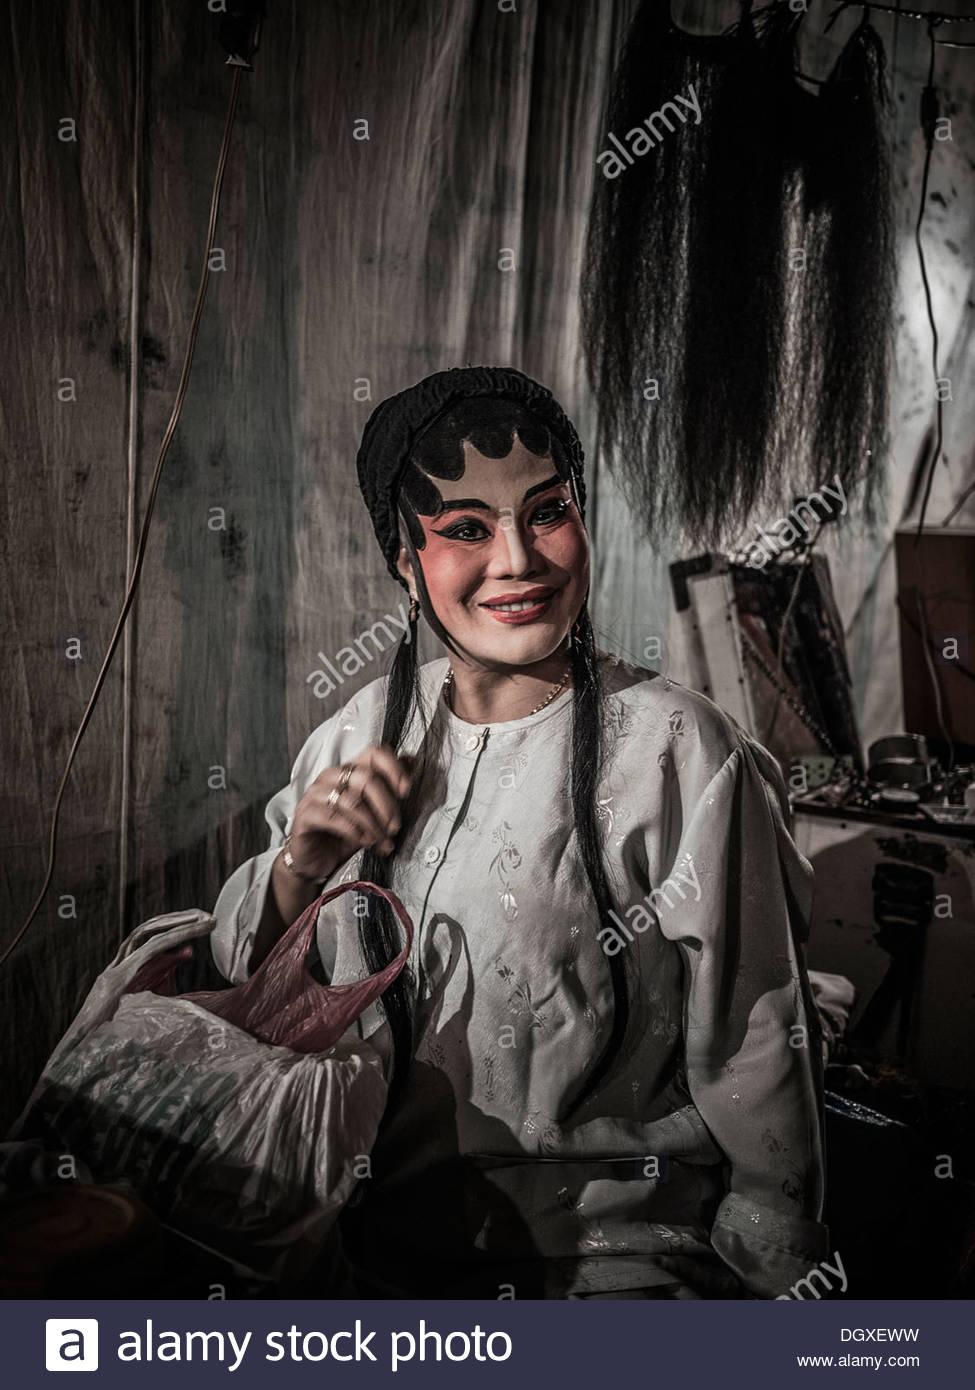 L'opéra chinois acteur dans une tenue complète composent et backstage avant un spectacle. S. E. Asie Photo Stock